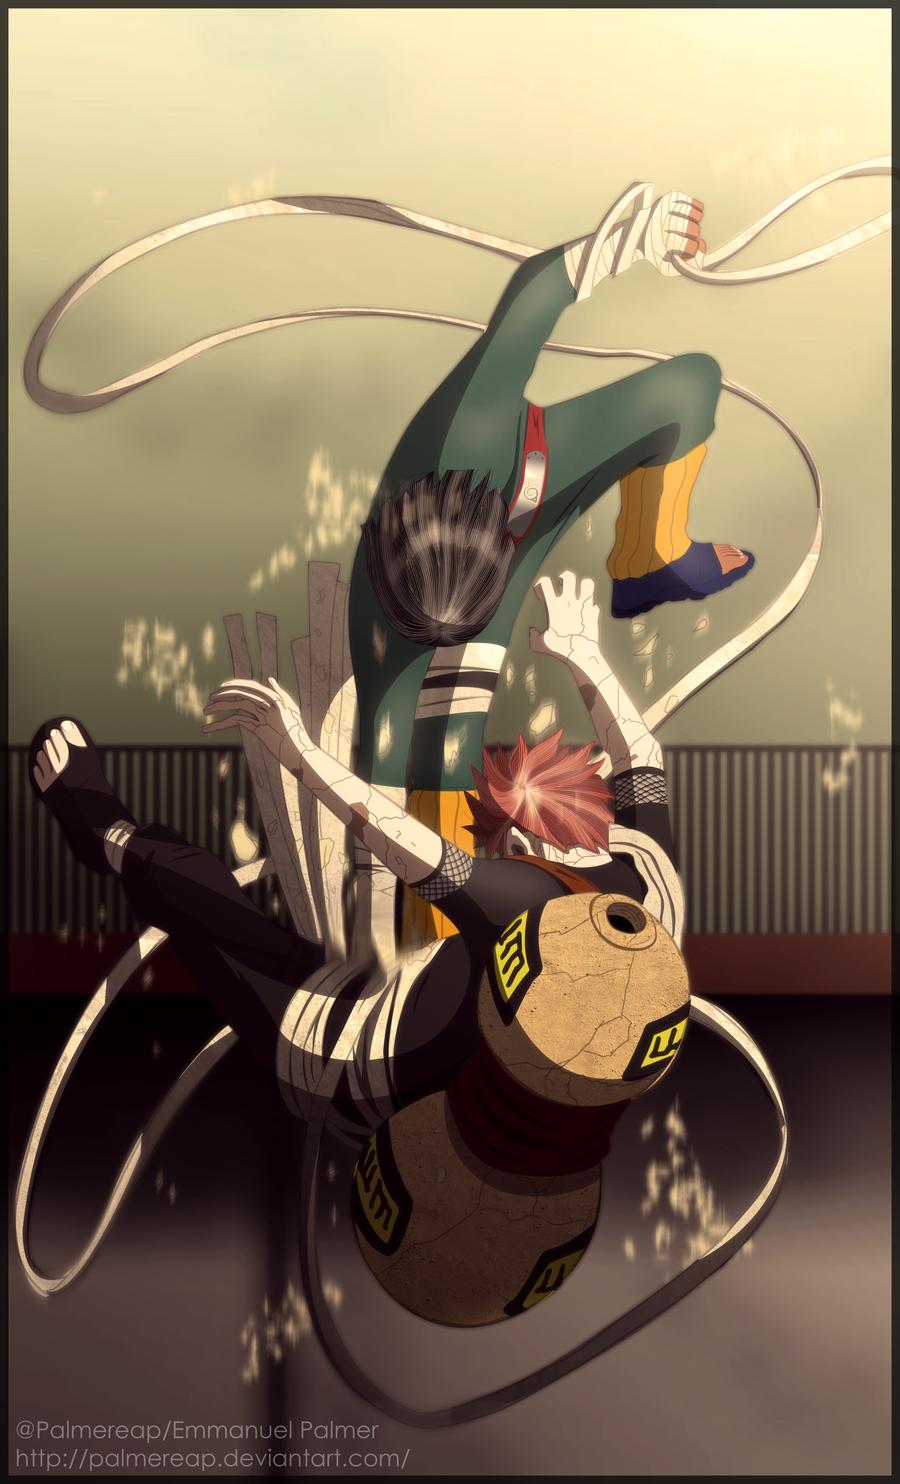 Good Wallpaper Naruto Rock Lee - f6c8e4007f81f33bee475a66f4a8bd9e  Pic_3216100.png